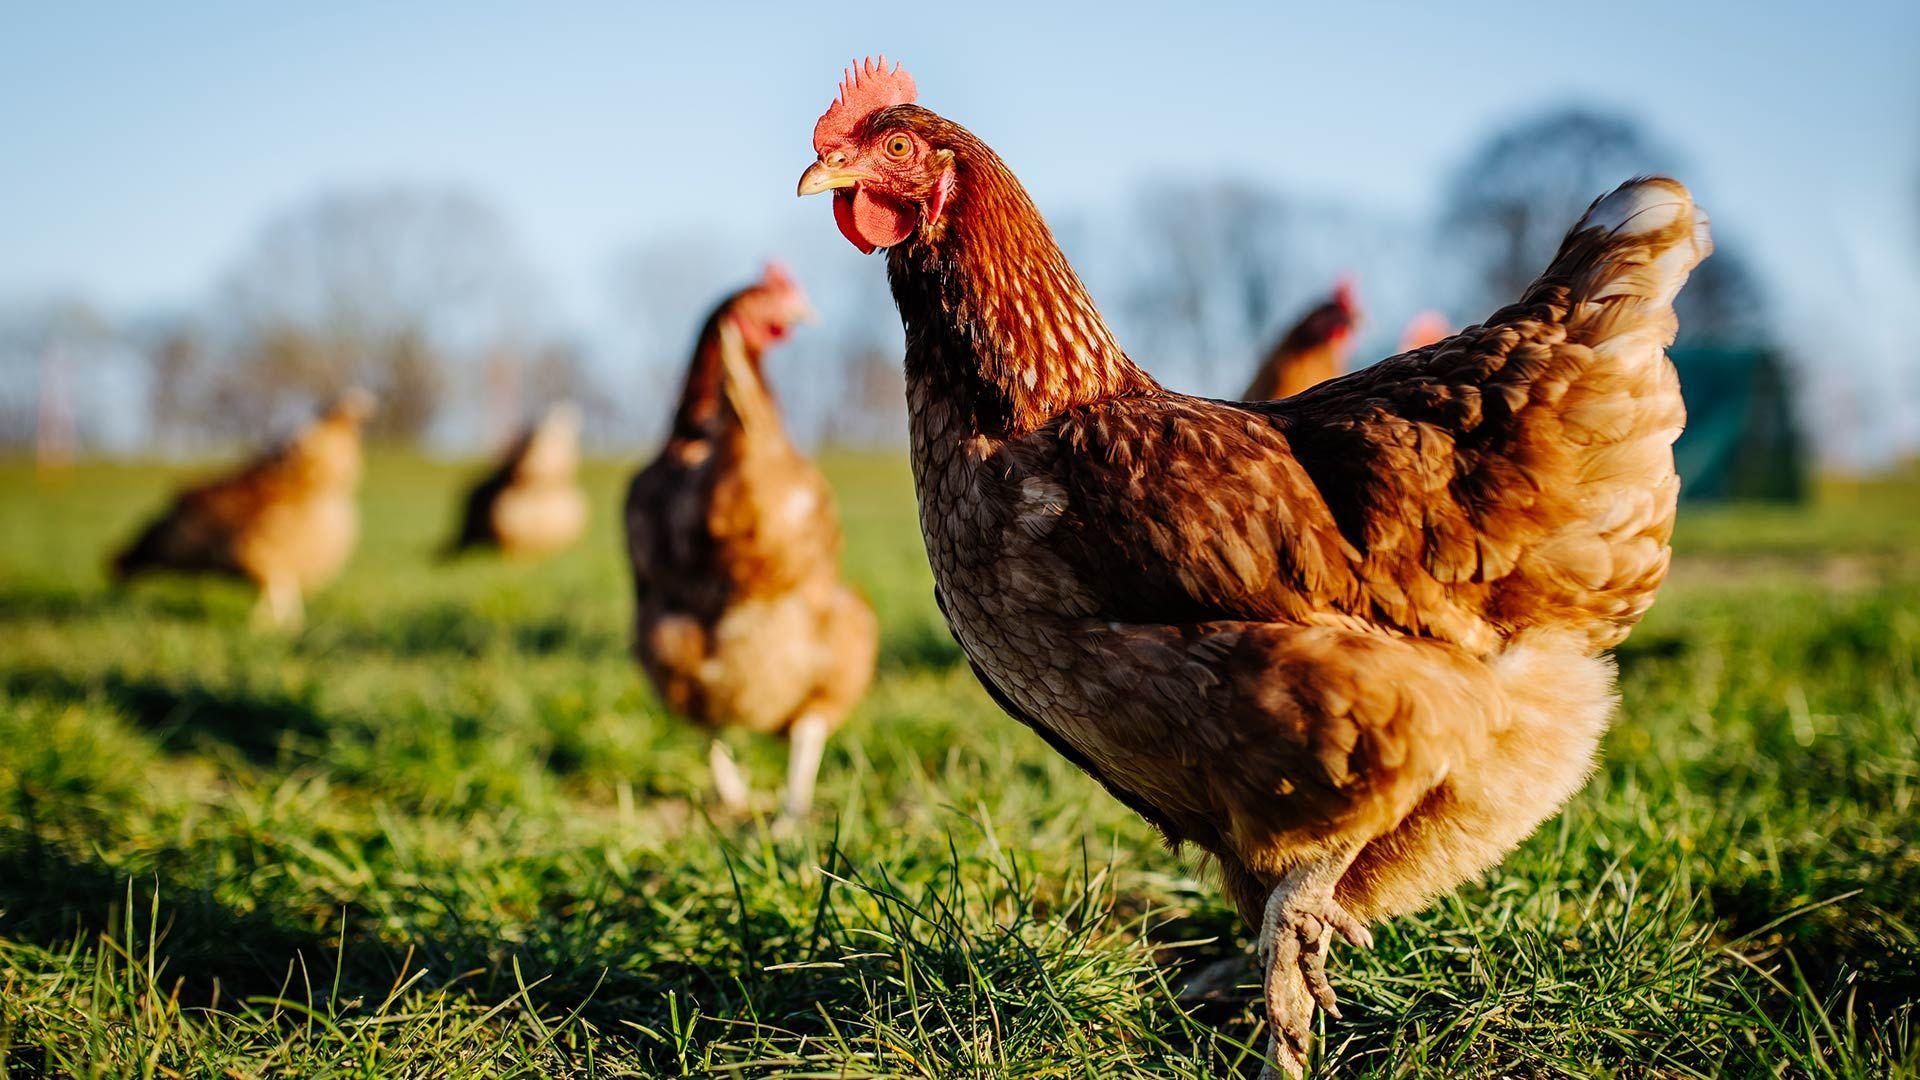 尊重动物应该成为我们重要的社会责任吗?